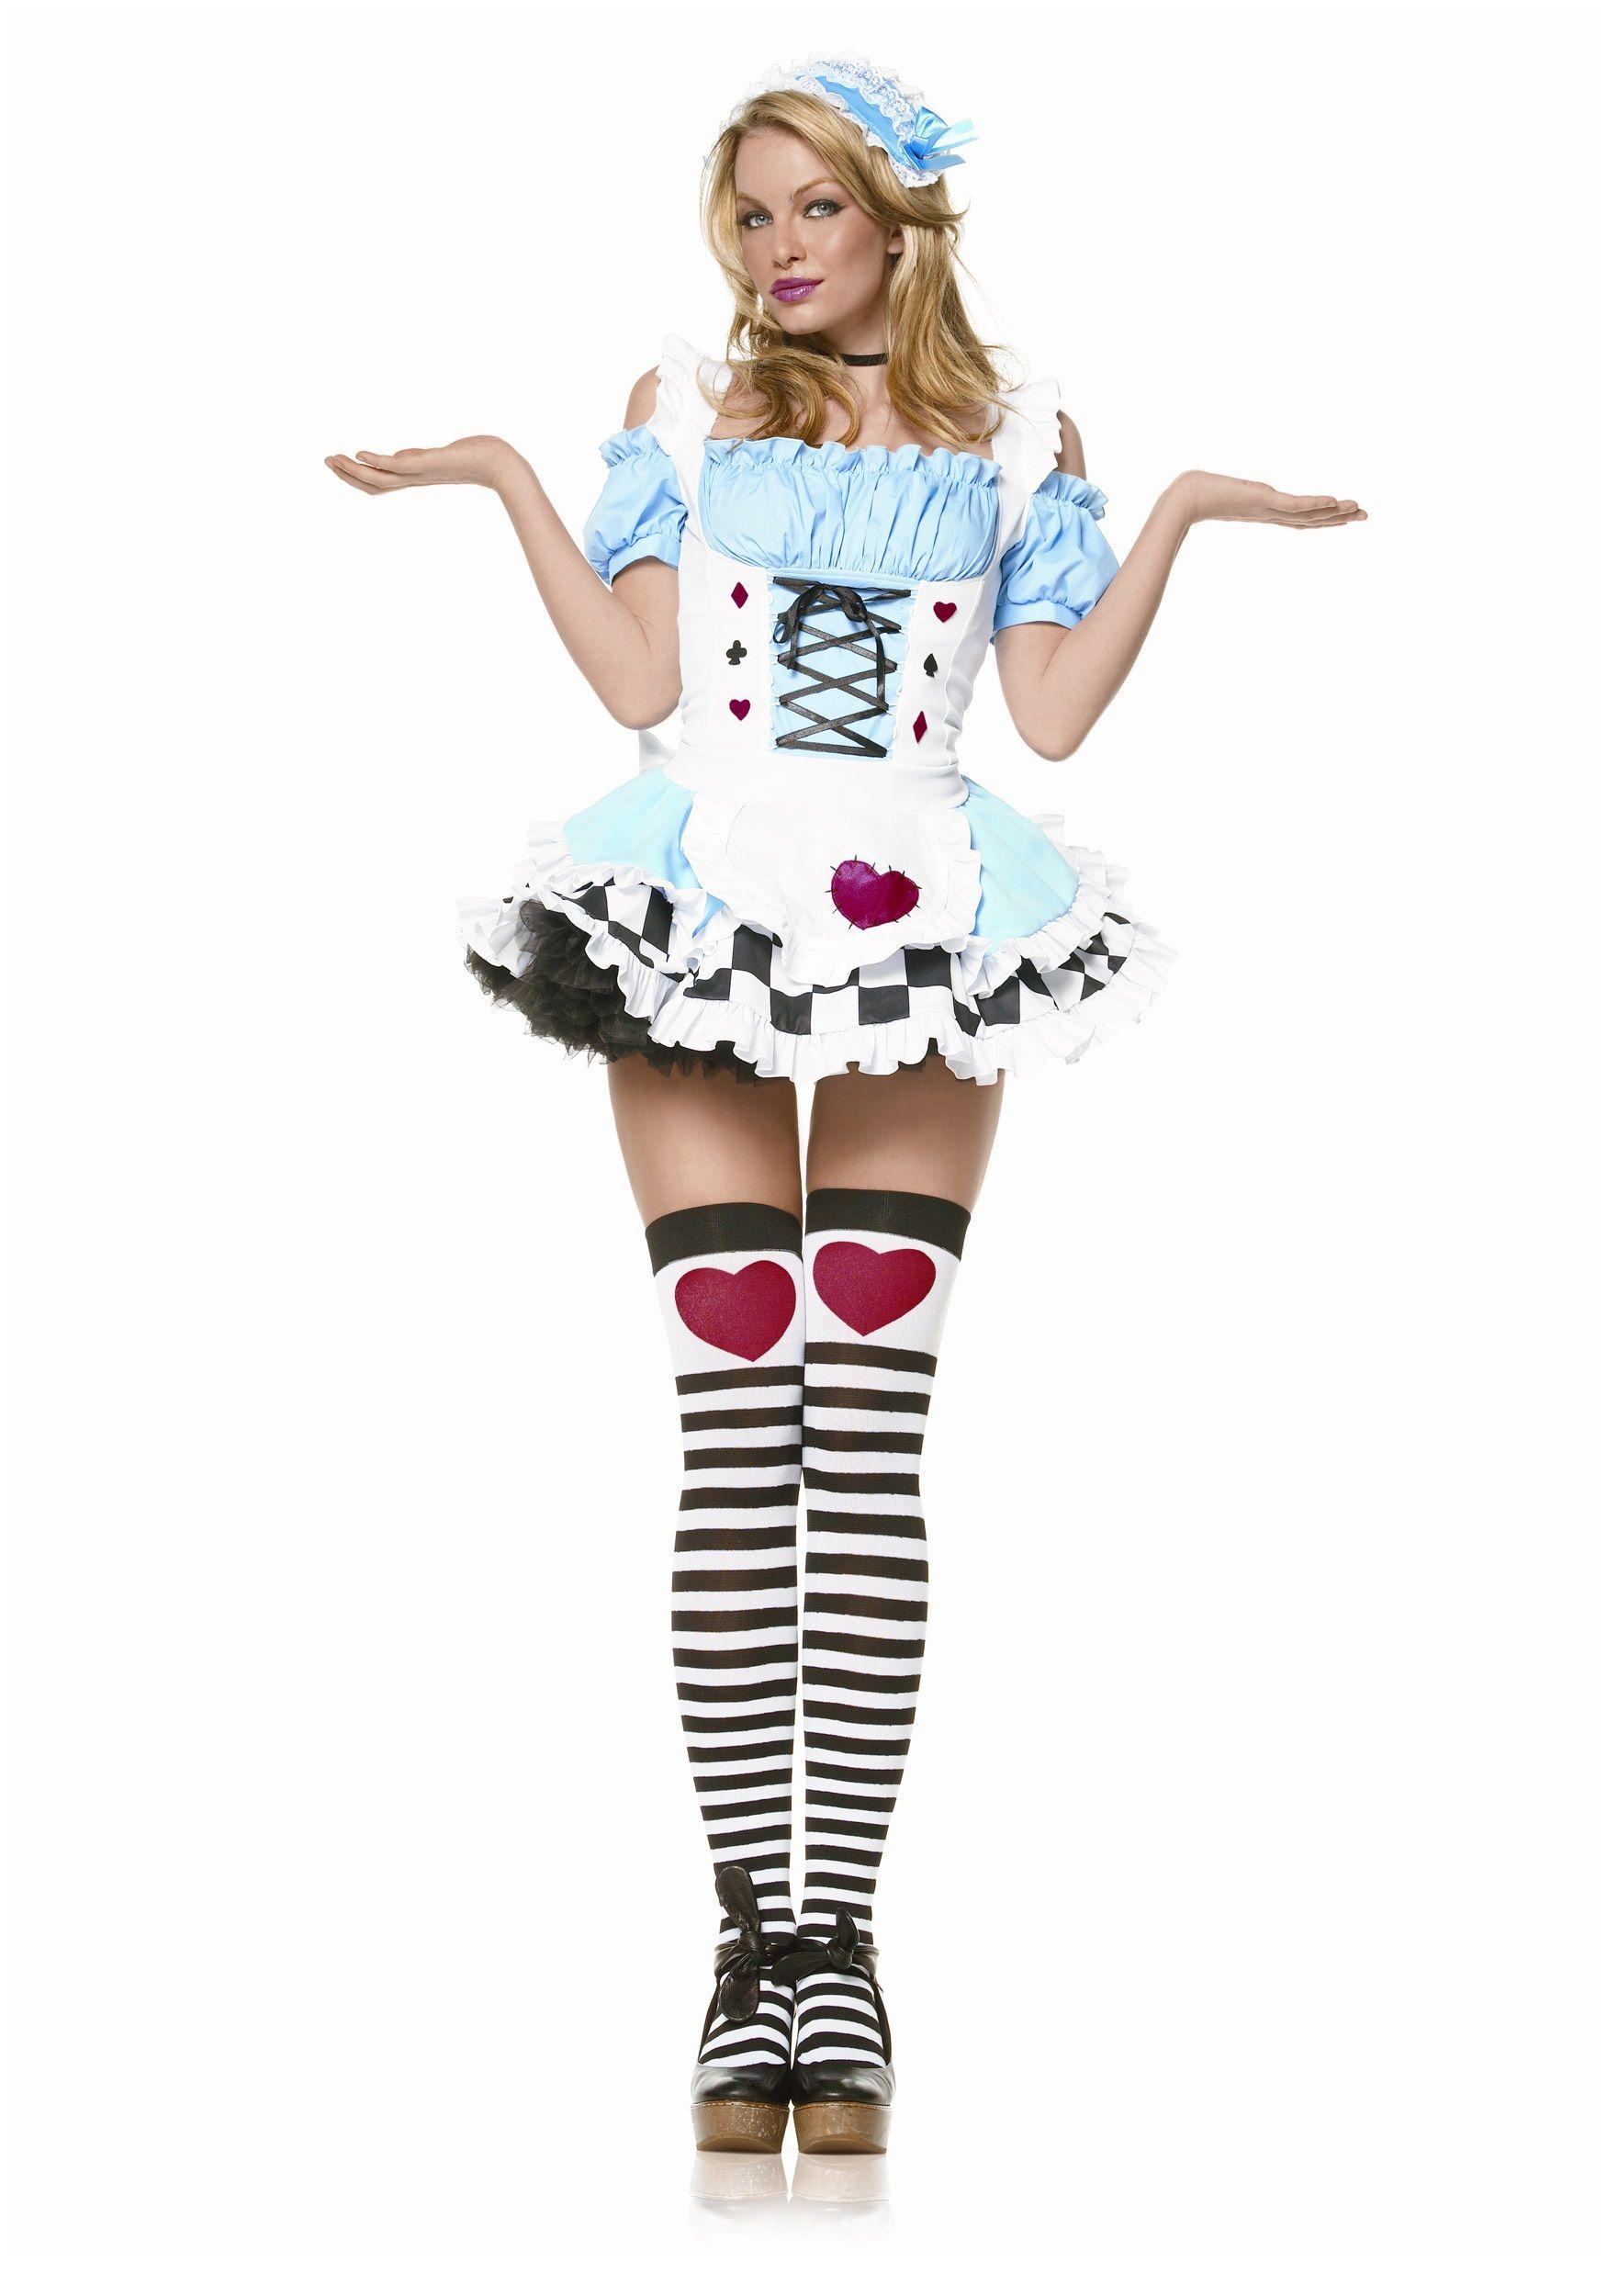 e1435a2ffc8 Sexy Alice Costume